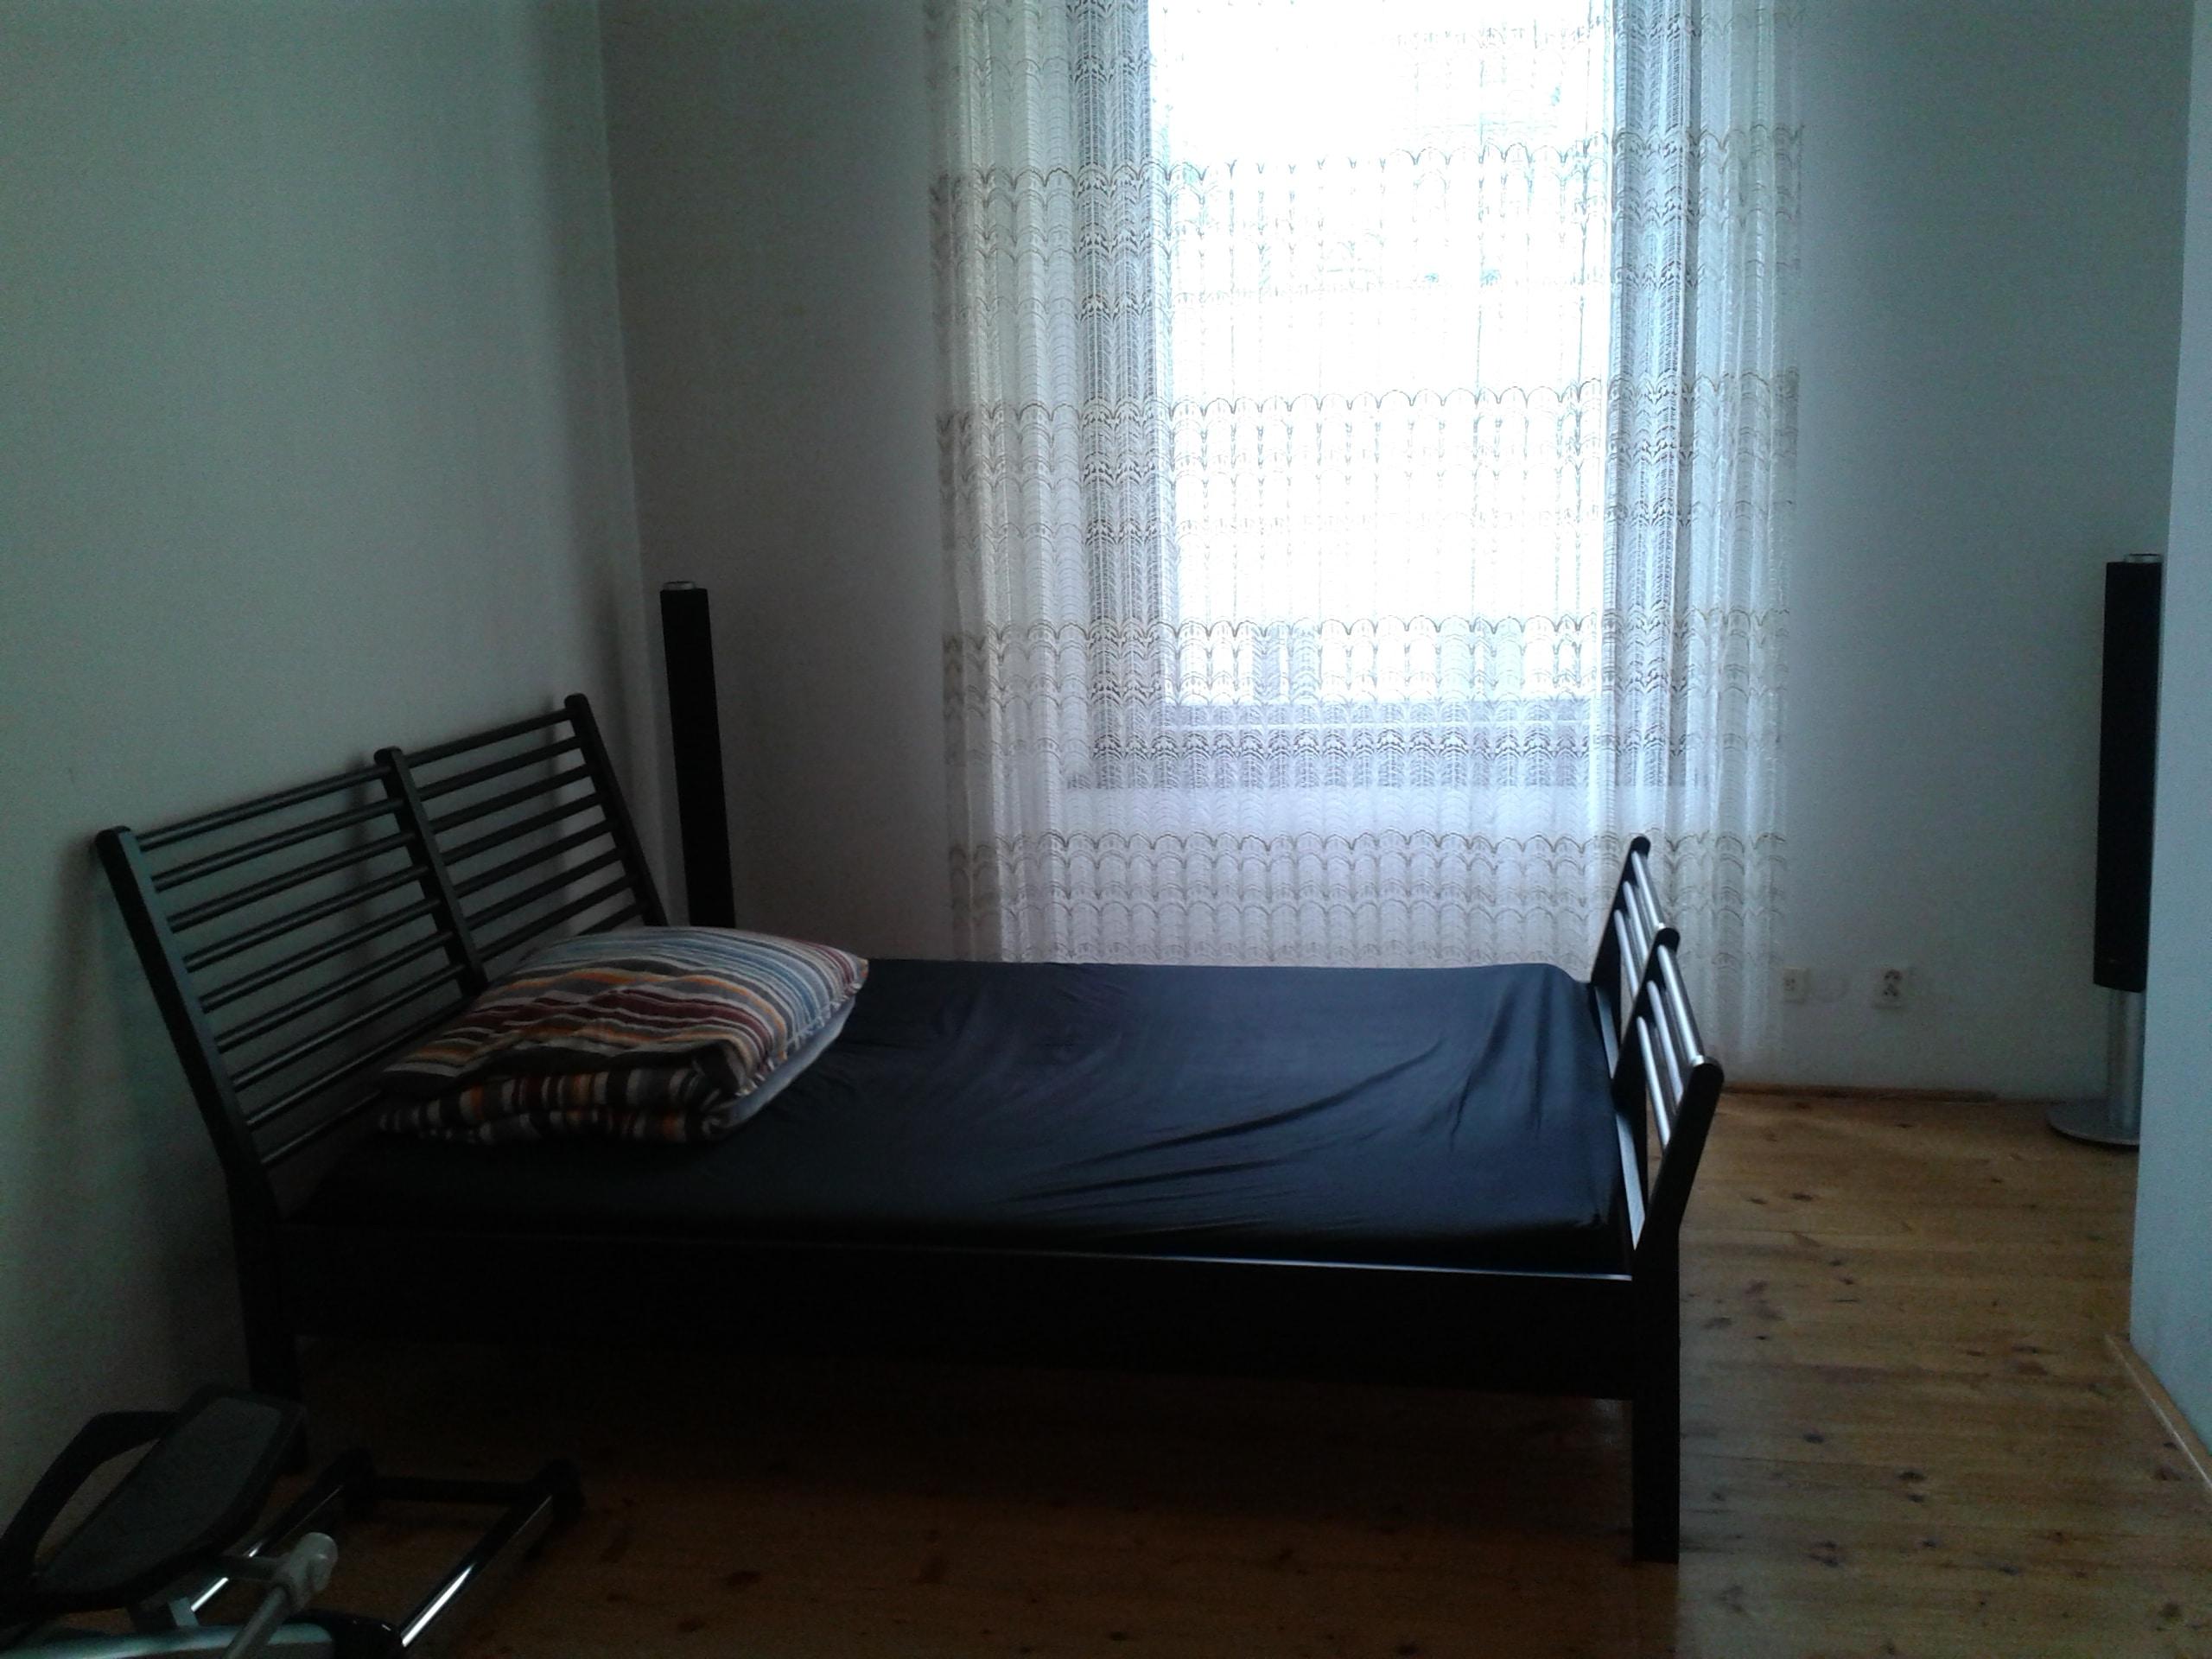 למכירה דירת 3+kk יפהפיה בפראג 1 העיר החדשה (43)